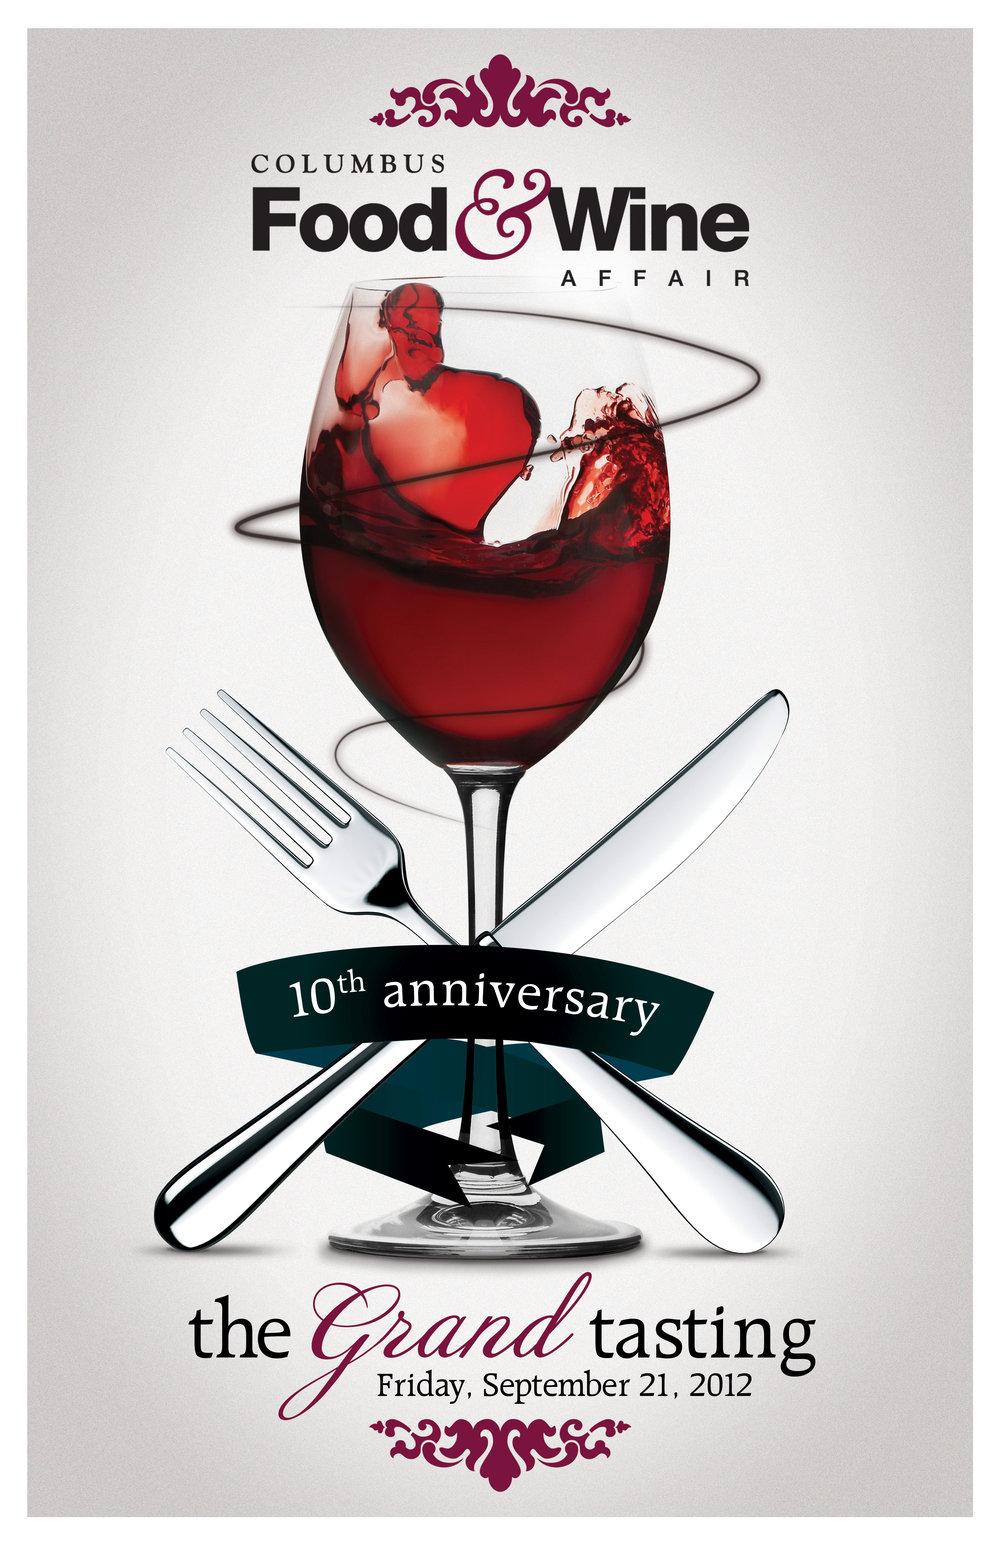 Columbus Food Wine Affair Poster Design STFNdesign Portfolio Of